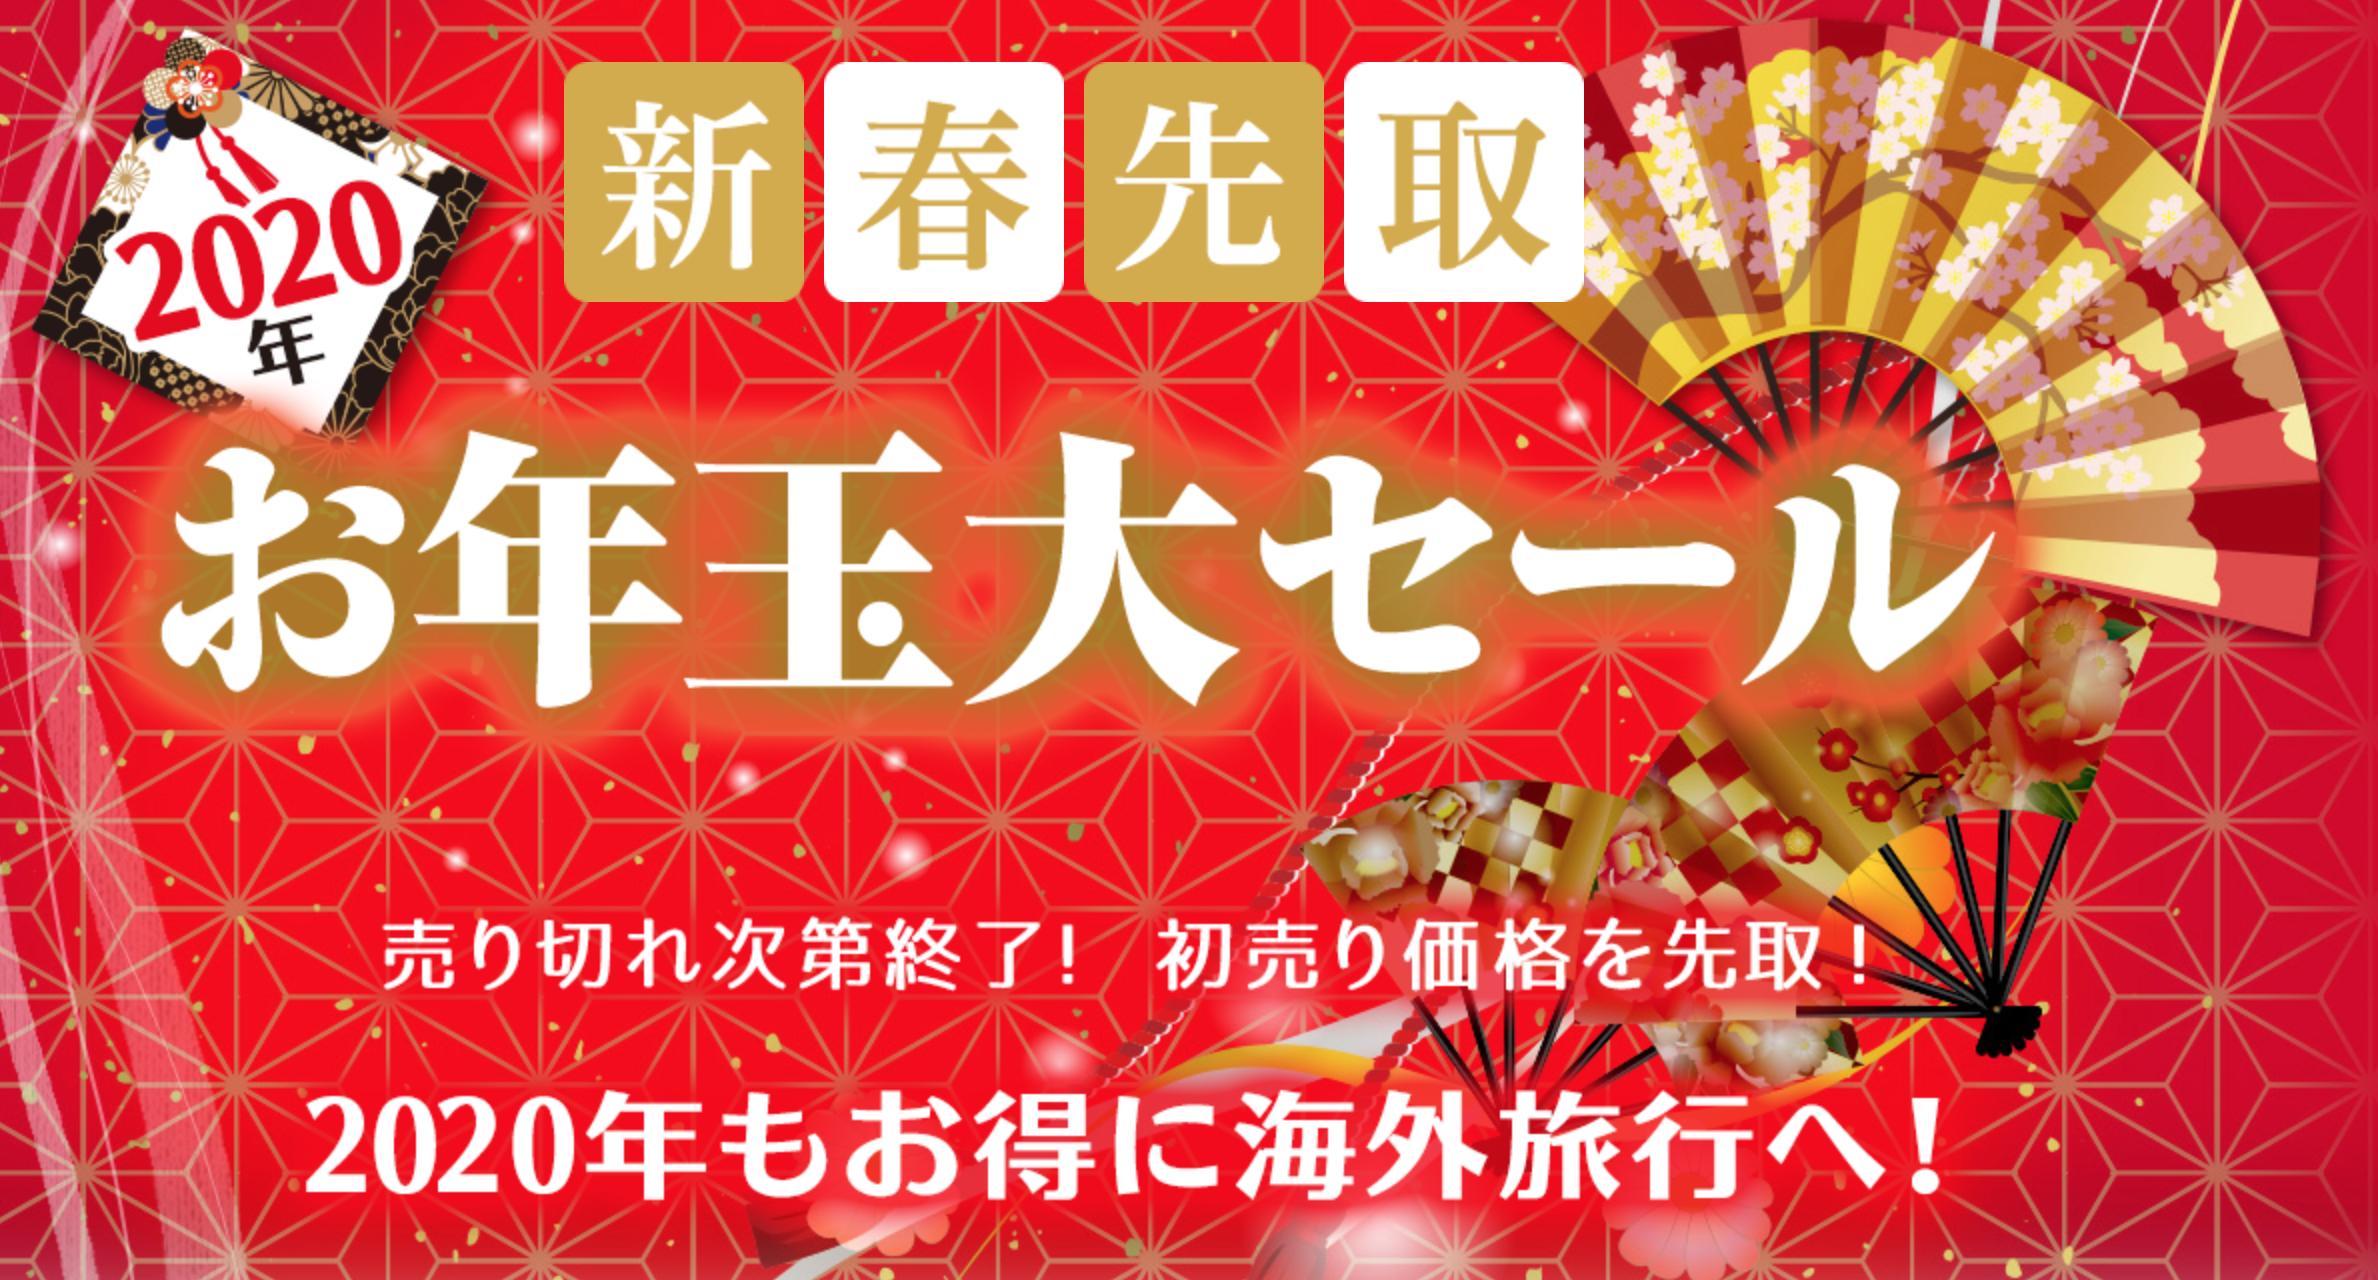 JALお年玉大セール